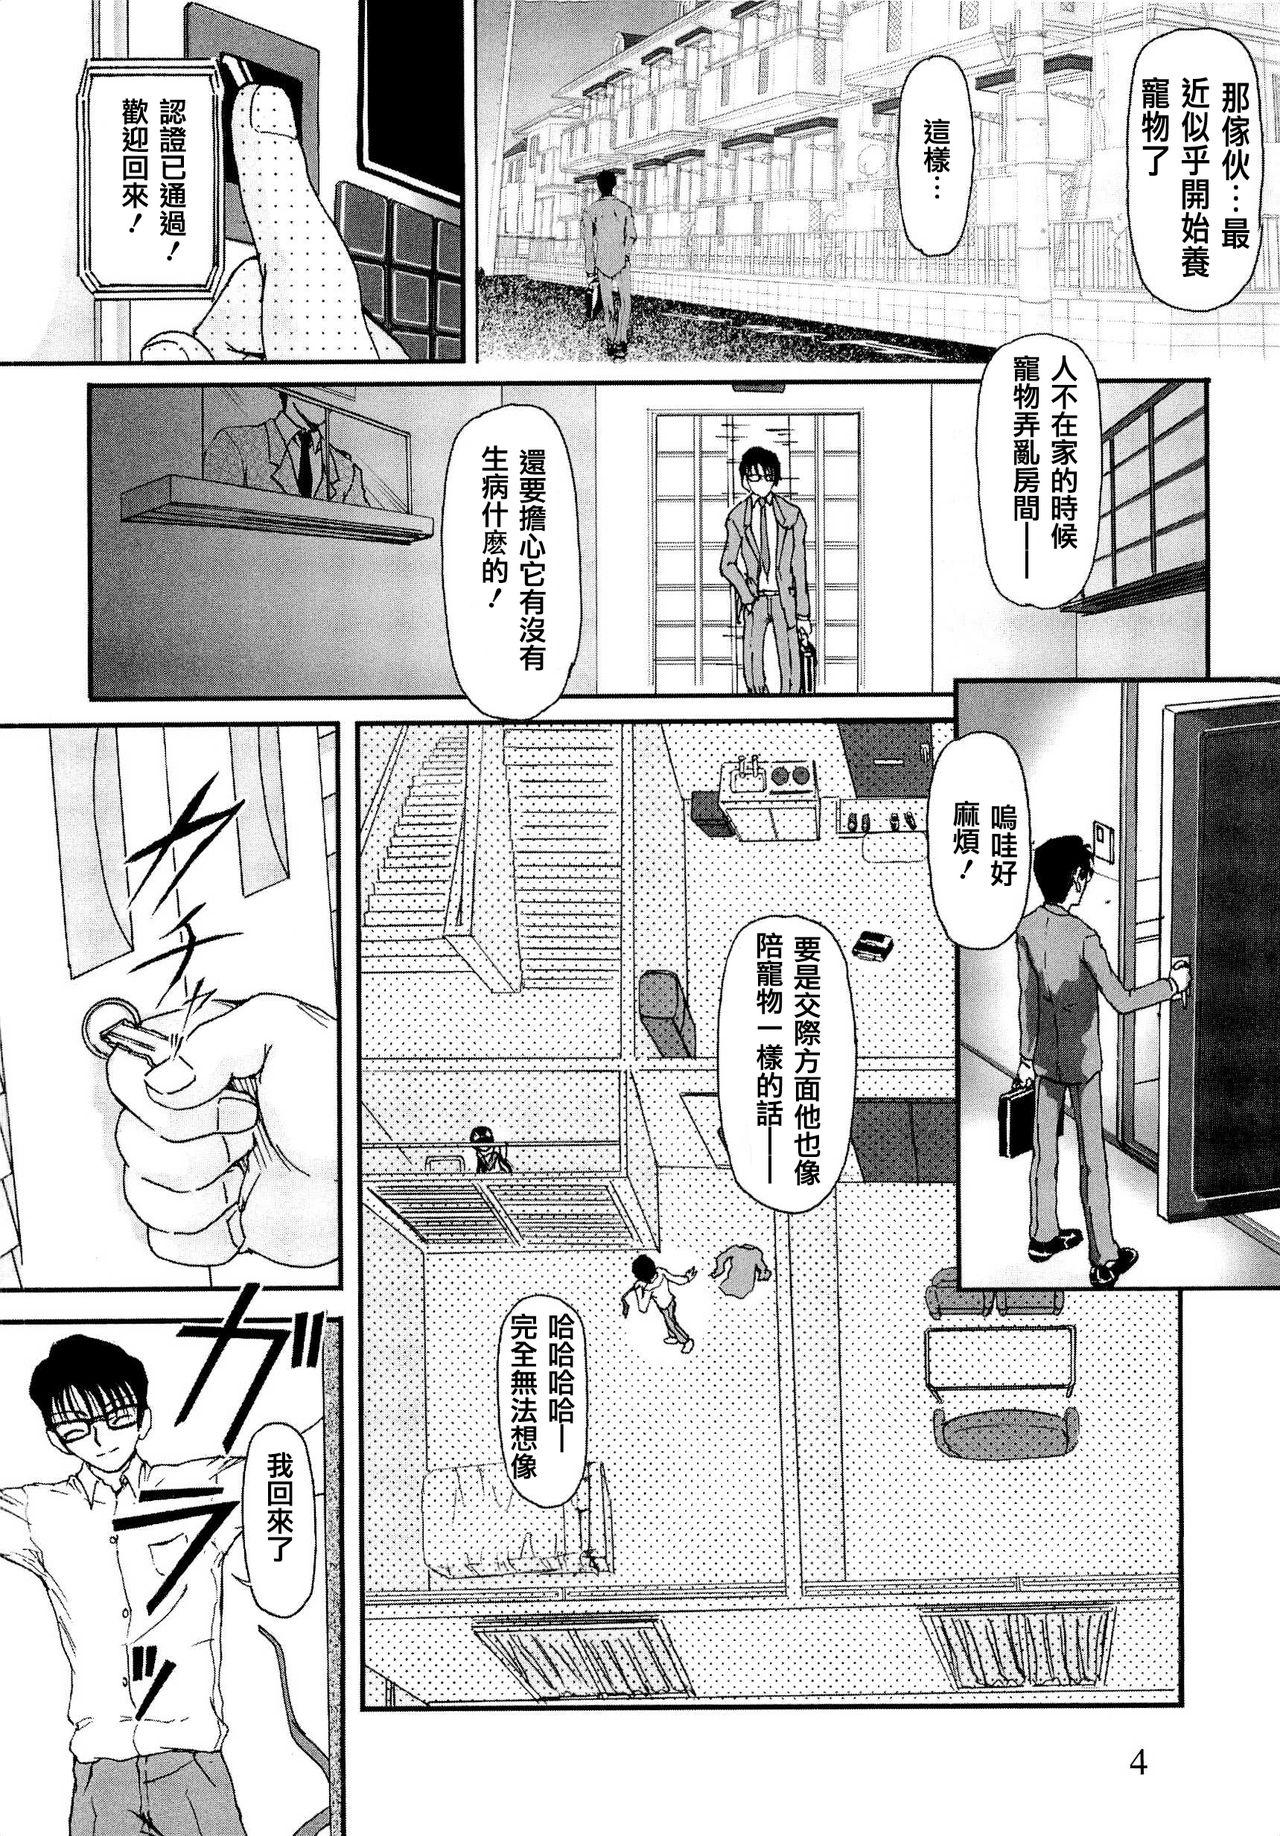 Shoujo no Kaikata Shitsukekata 5